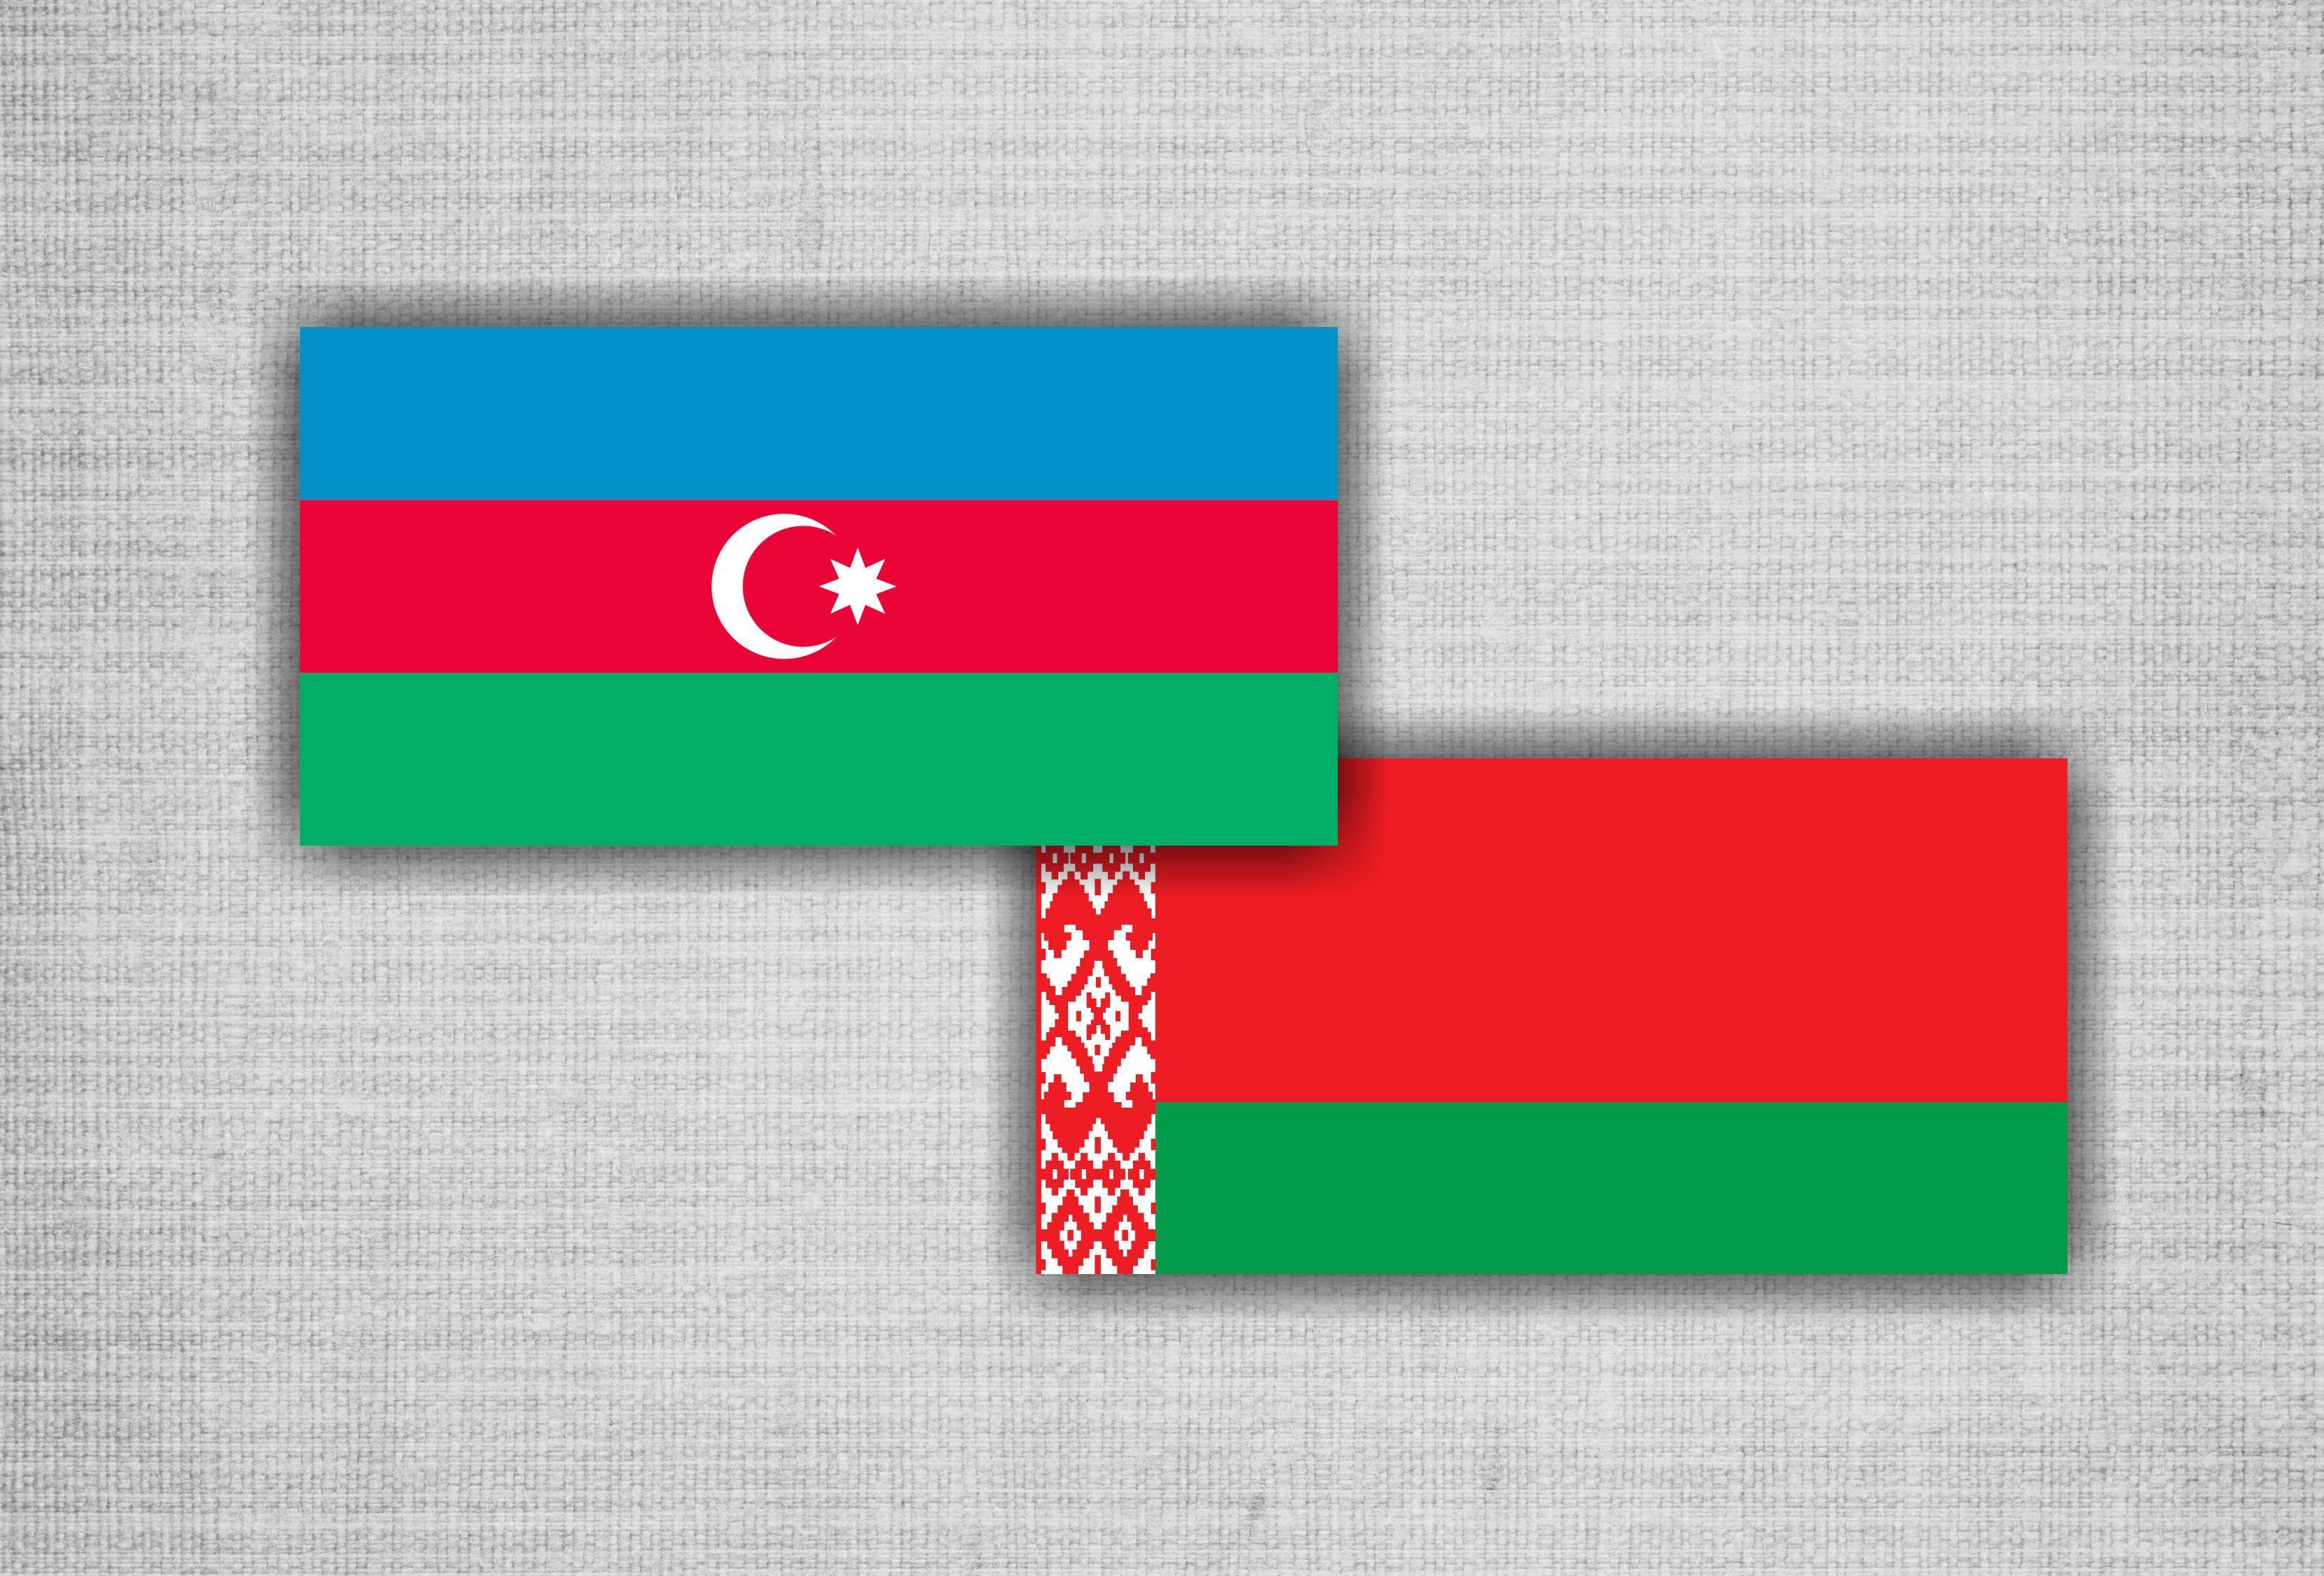 Завершился официальный визит президента Беларуси в Азербайджан